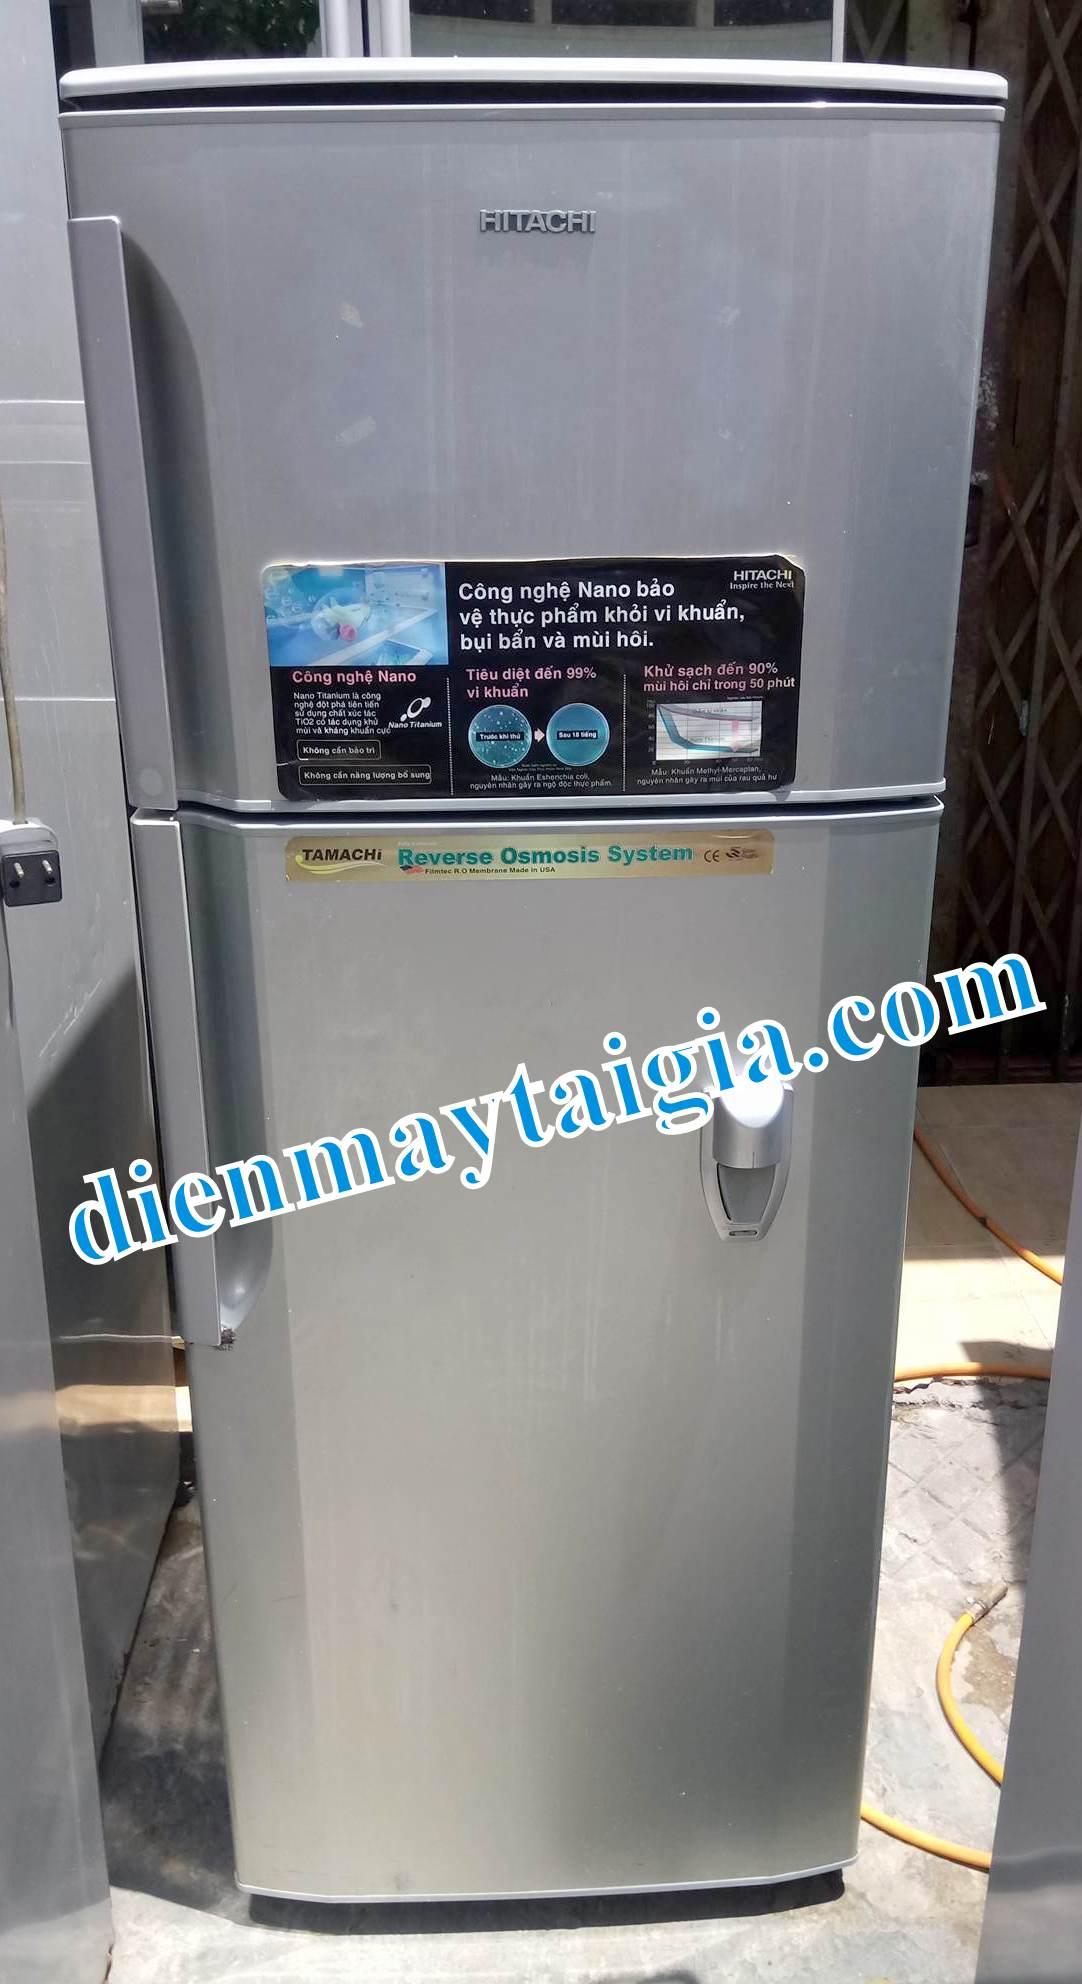 Tủ Lạnh Cũ Thương Hiệu Quốc Tế Giá VN Tại Dienmaycu tphcm | RAOVAT.VN -  Mạng Rao Vặt Việt Nam: Miễn phí Quảng cáo Rao vặt Hiệu quả